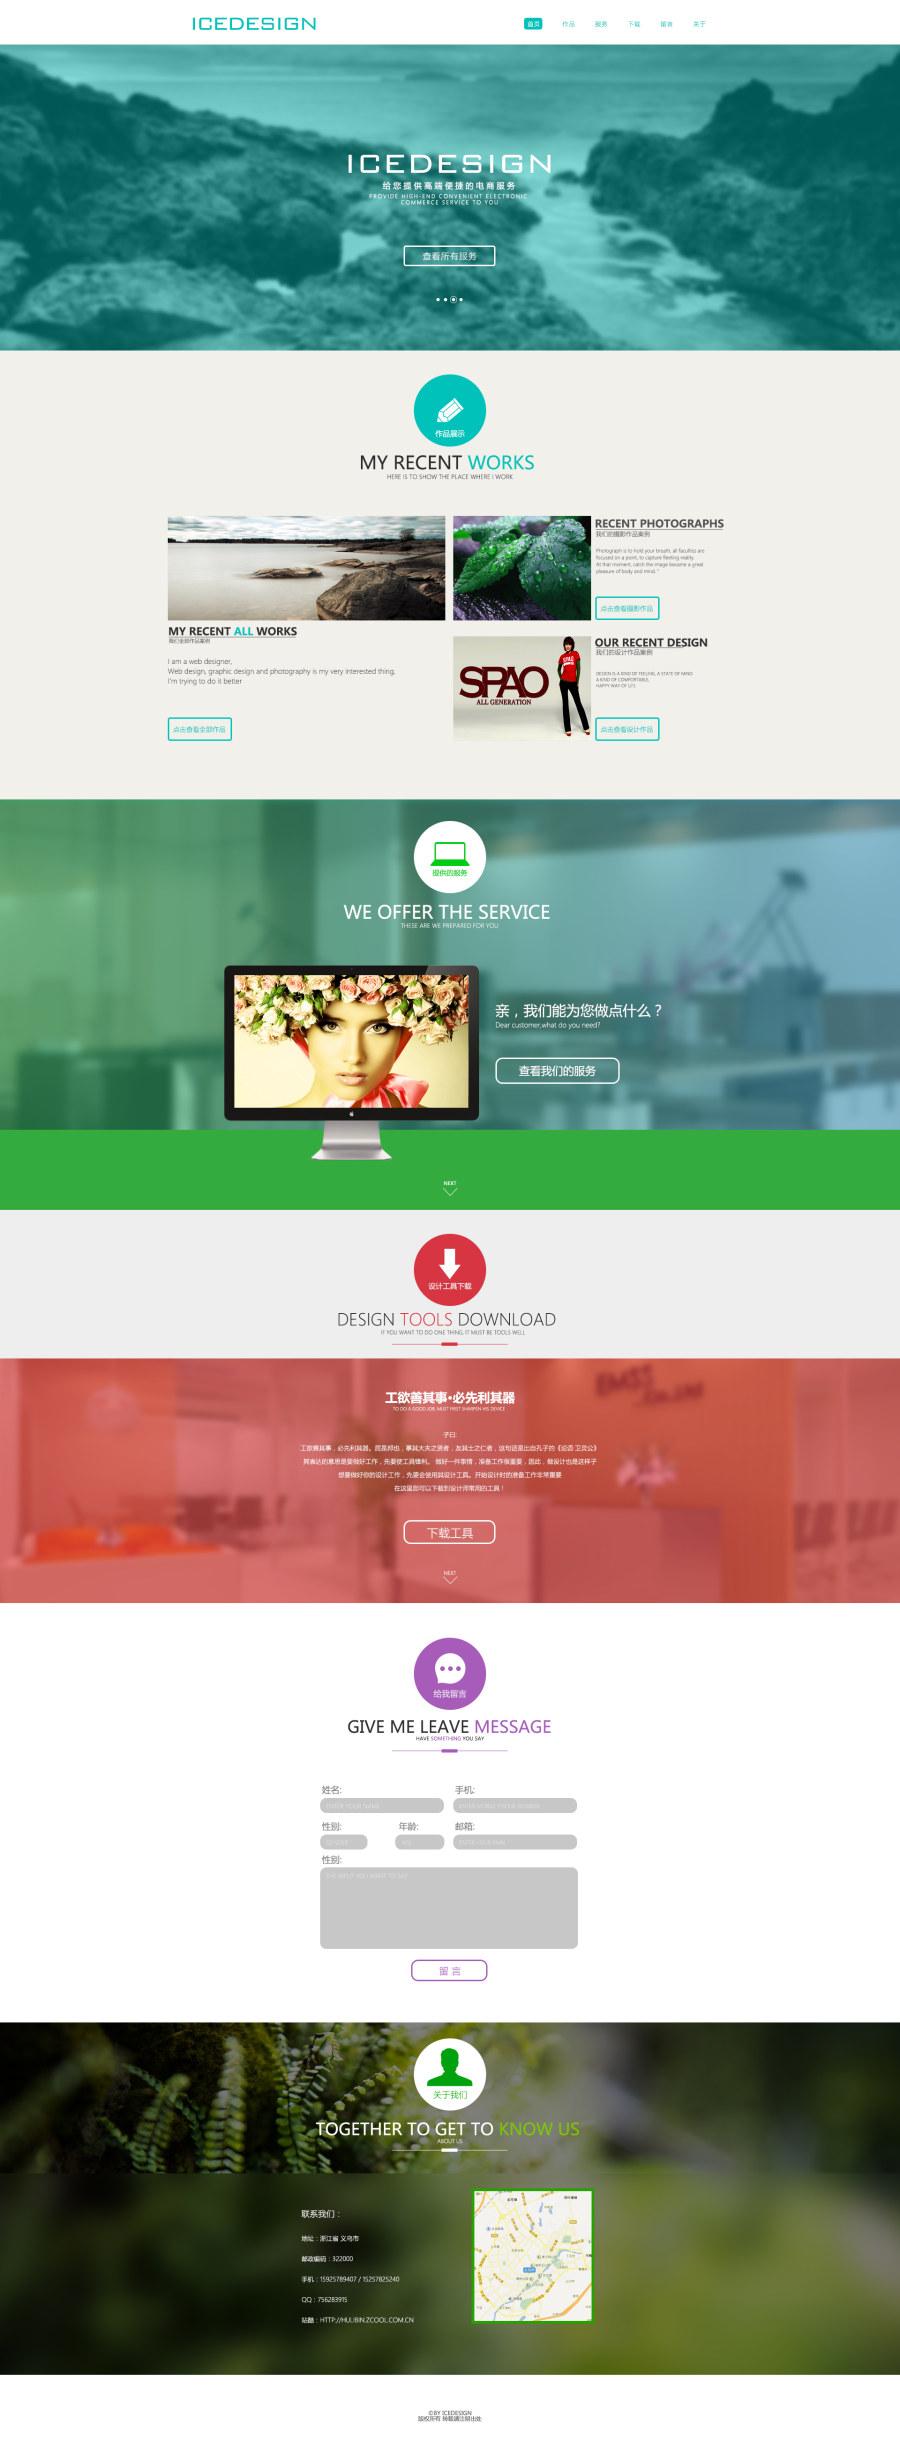 现代化设计风格 网站设计建设 个人网页设计 扁平化风格网页设计 淘宝